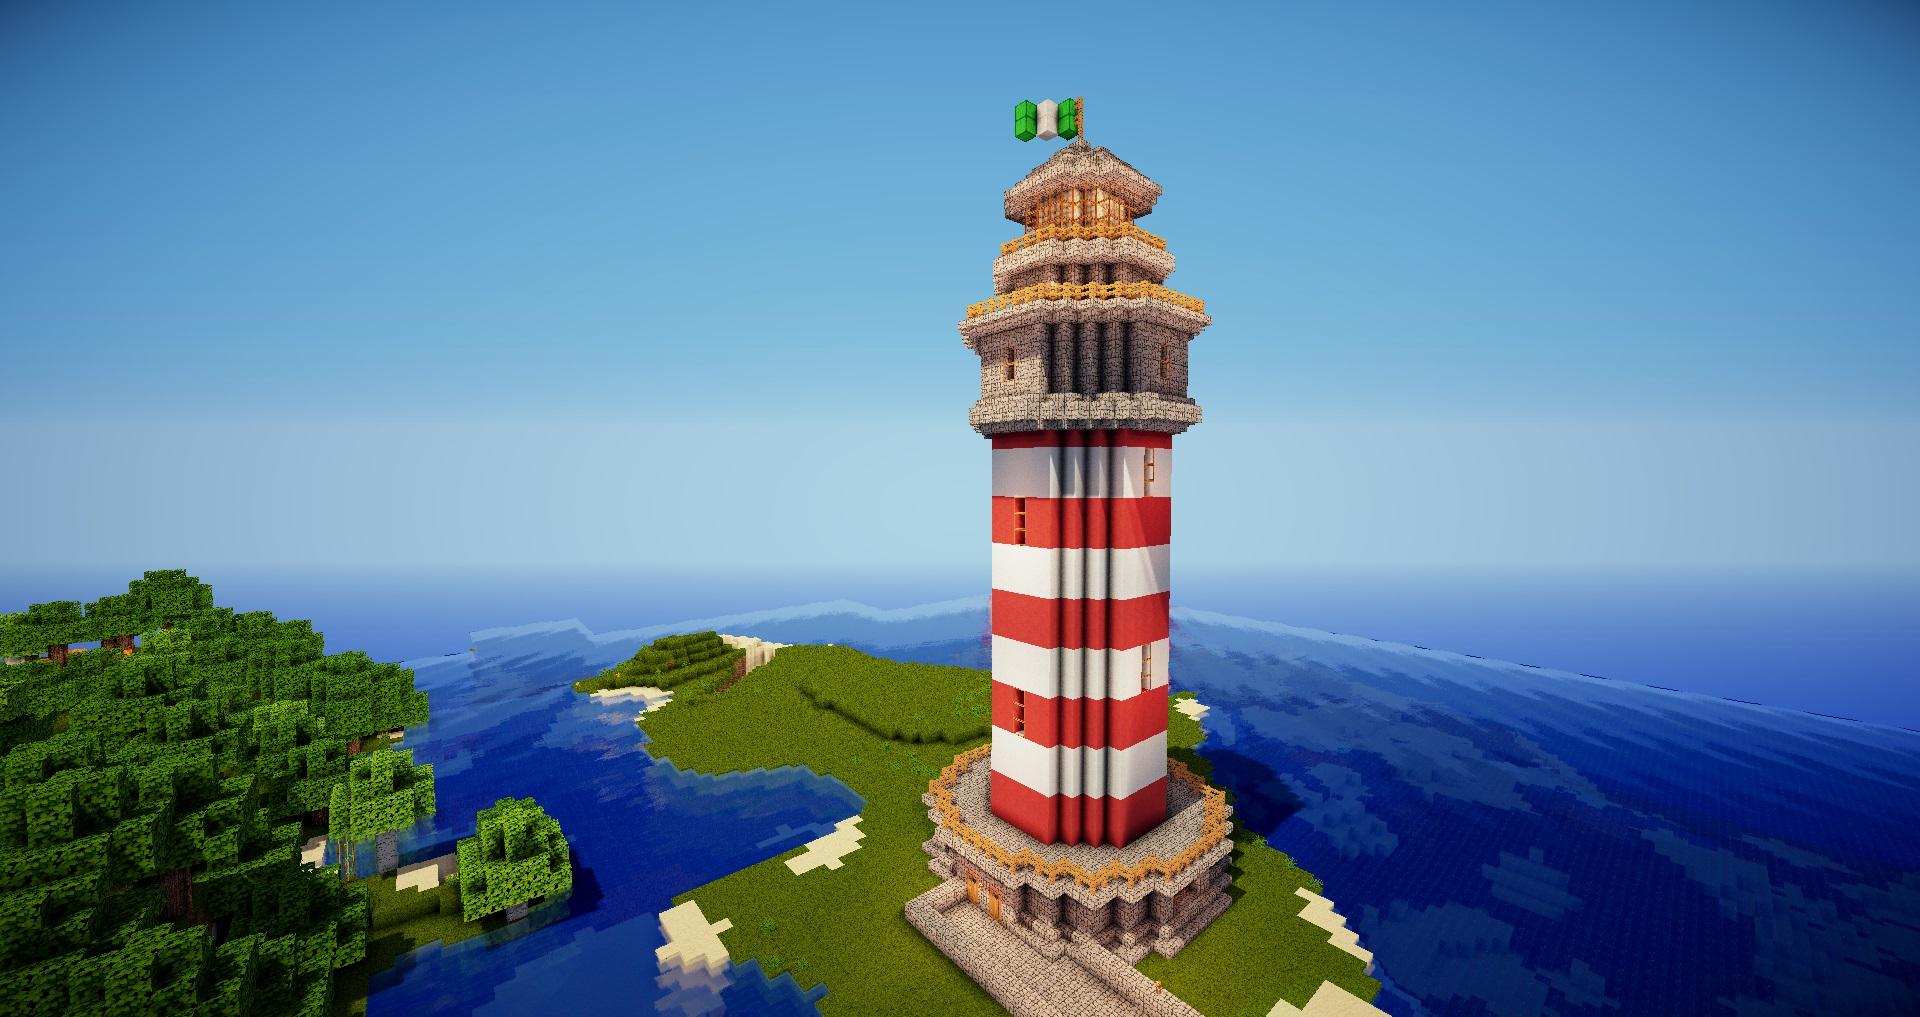 Minecraft leuchtturm foto bild industrie und technik m hlen energietechnik bilder auf - Leuchtturm selber bauen ...